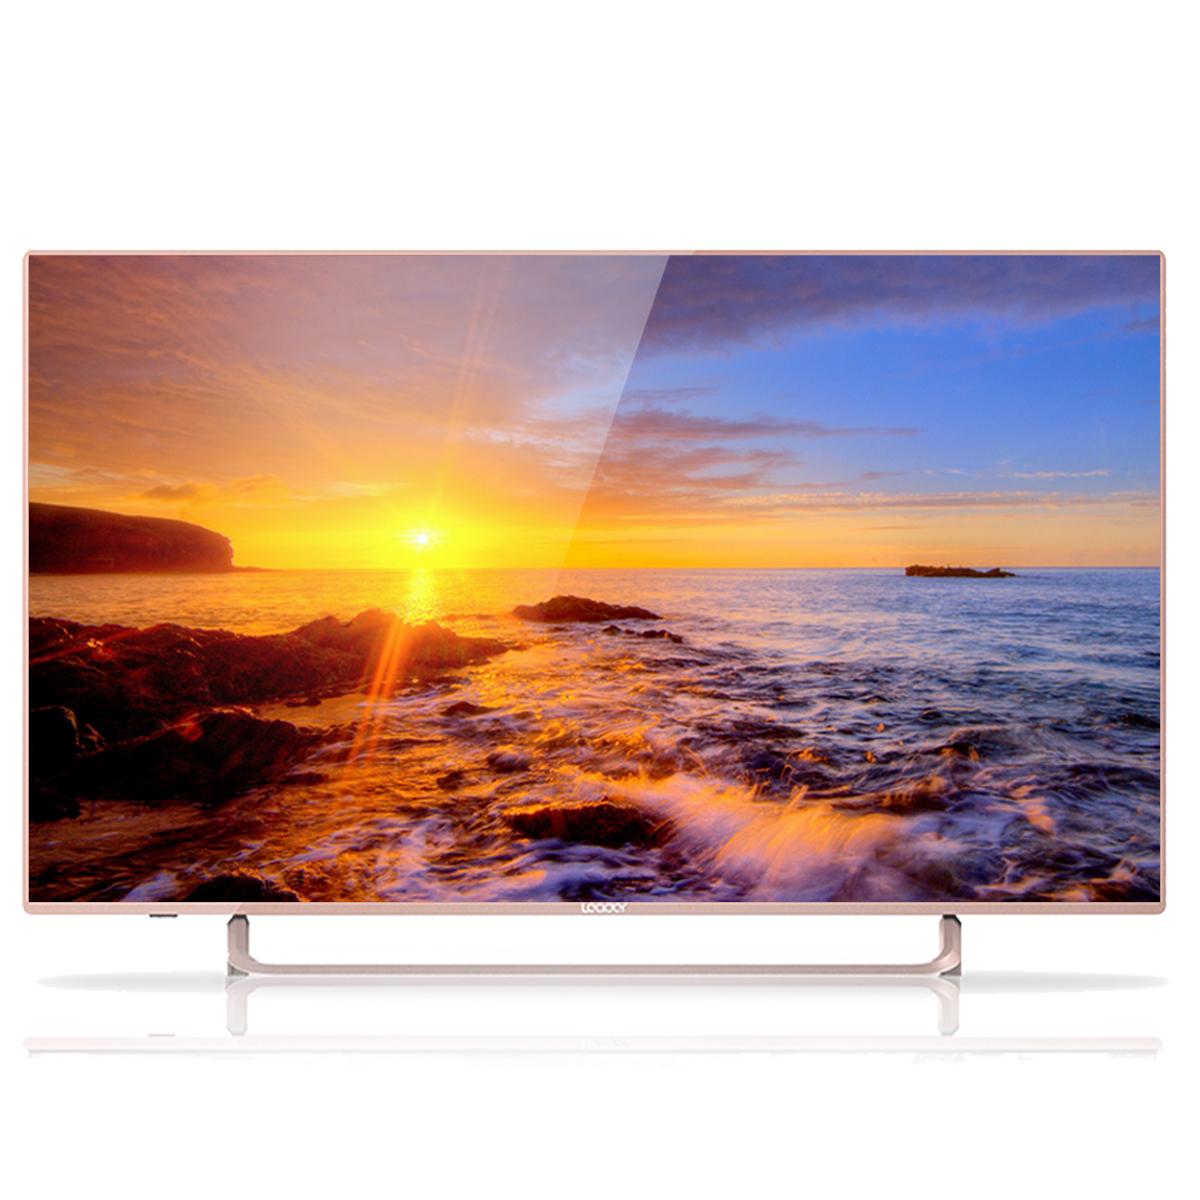 统帅电视 S50K通过内置浏览器安装电视直播软件